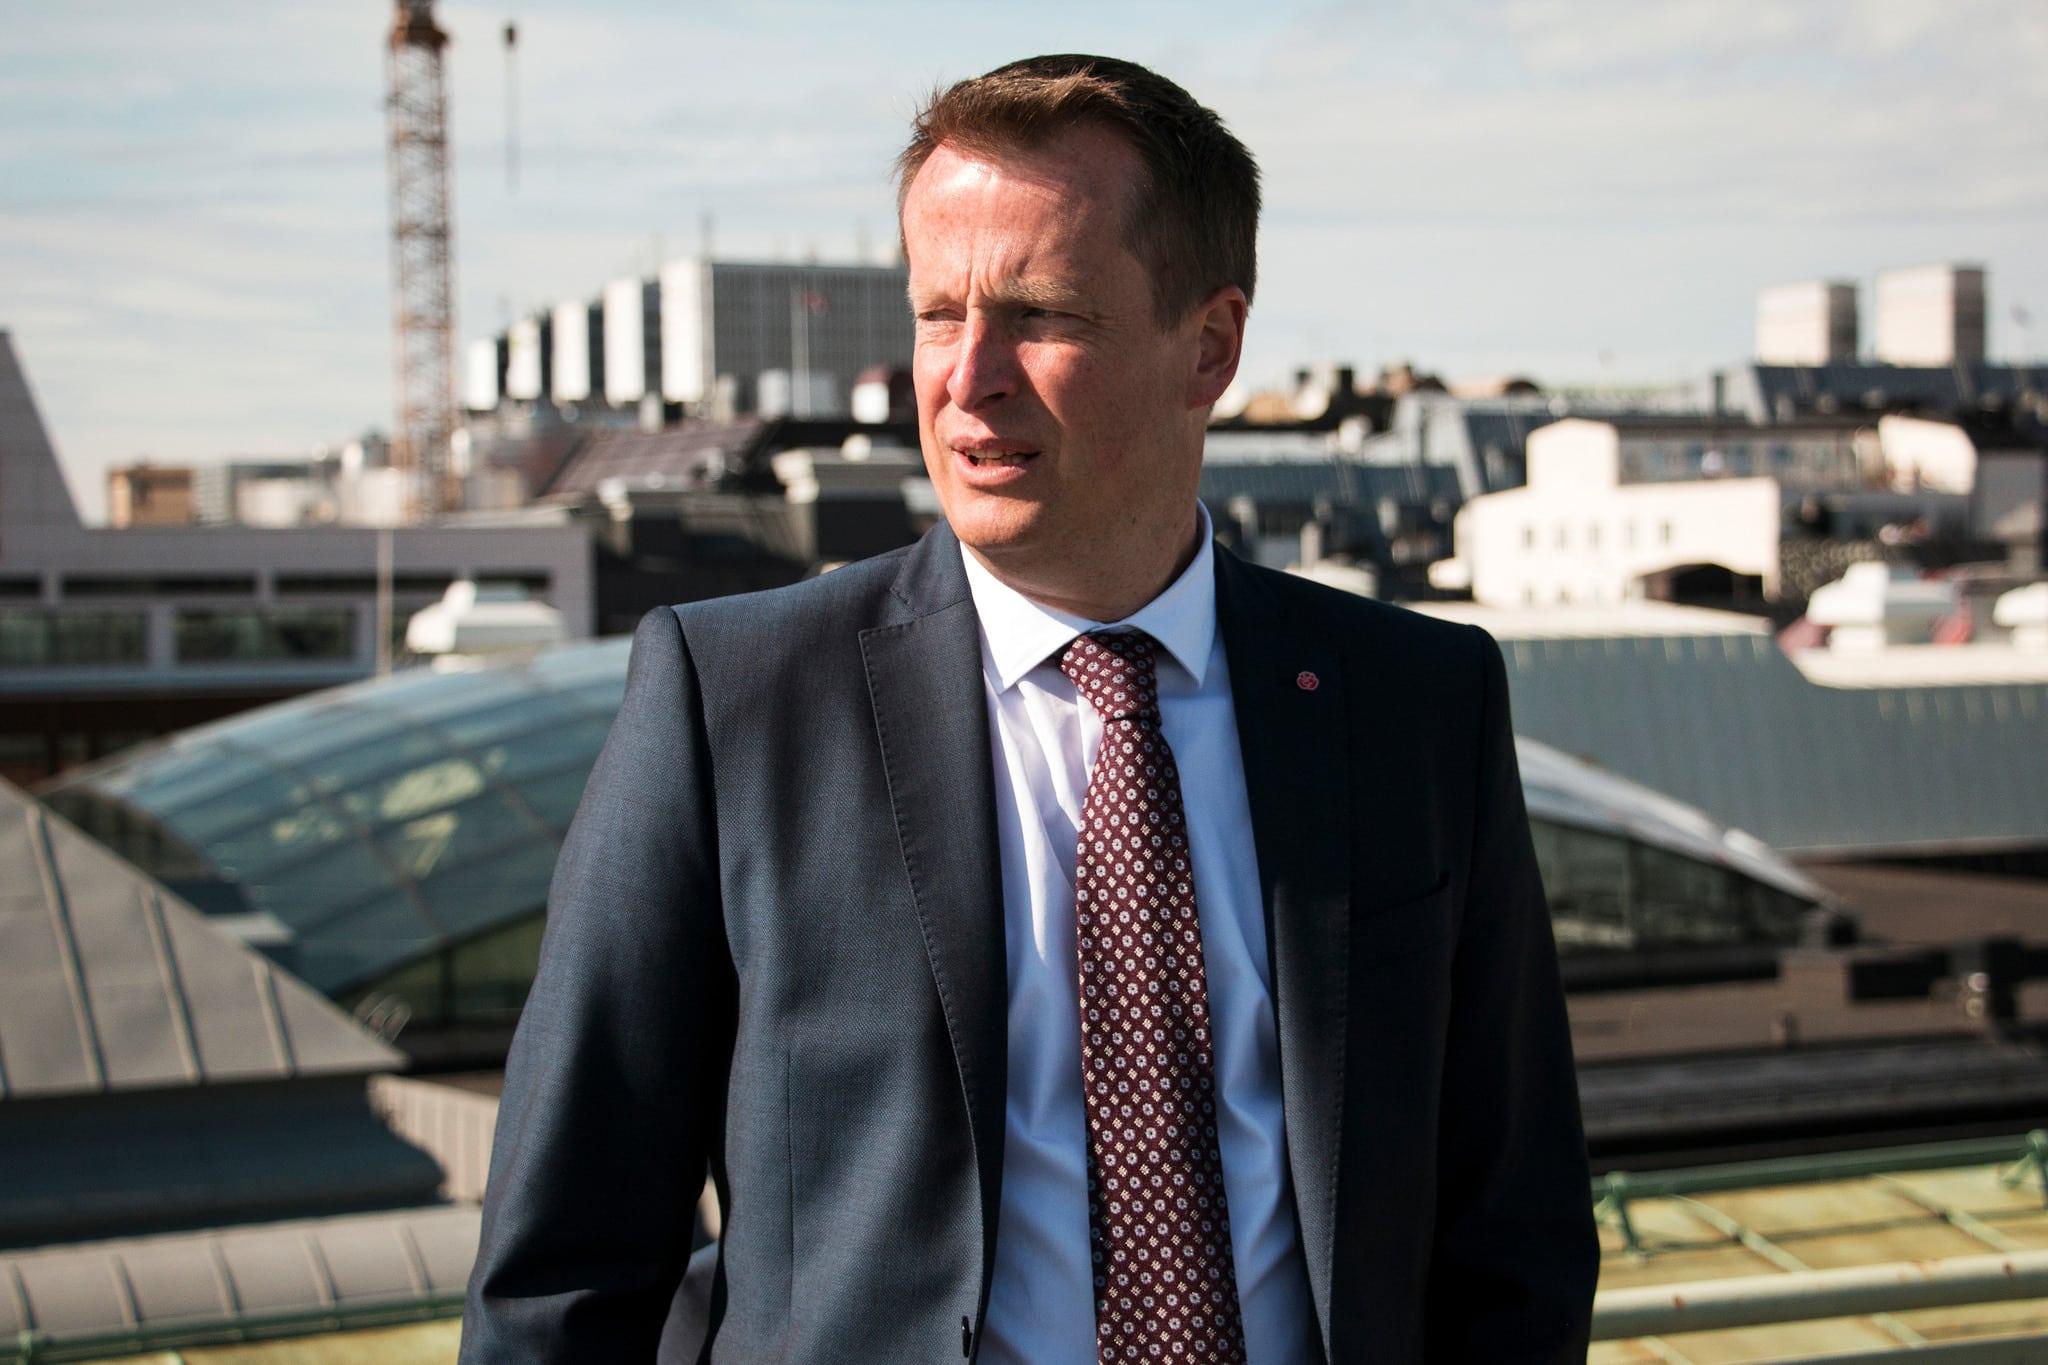 Inrikesminister Anders Ygeman (S) tänker stå upp för att det nya vapendirektivet inte ska ska drabba jägare i onödan, enligt en intervju i Ekot. Foto: Bill Nilsson/Regeringskansliet